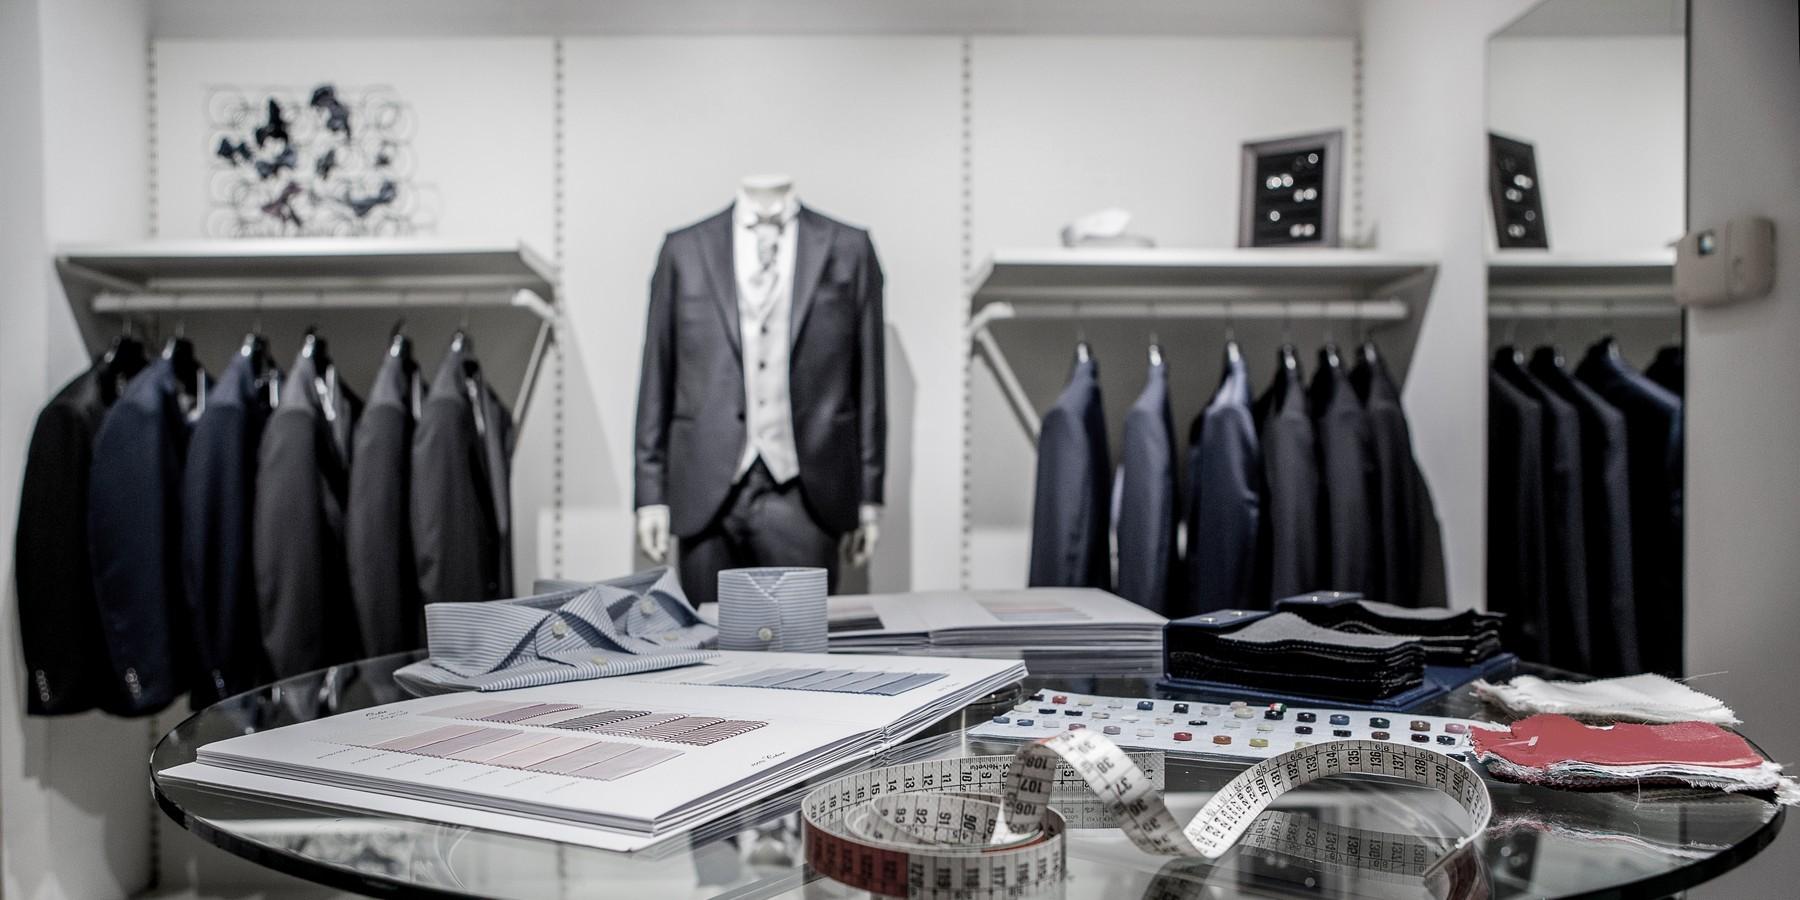 Lanieri   Abiti, camicie e abbigliamento su misura per uomo